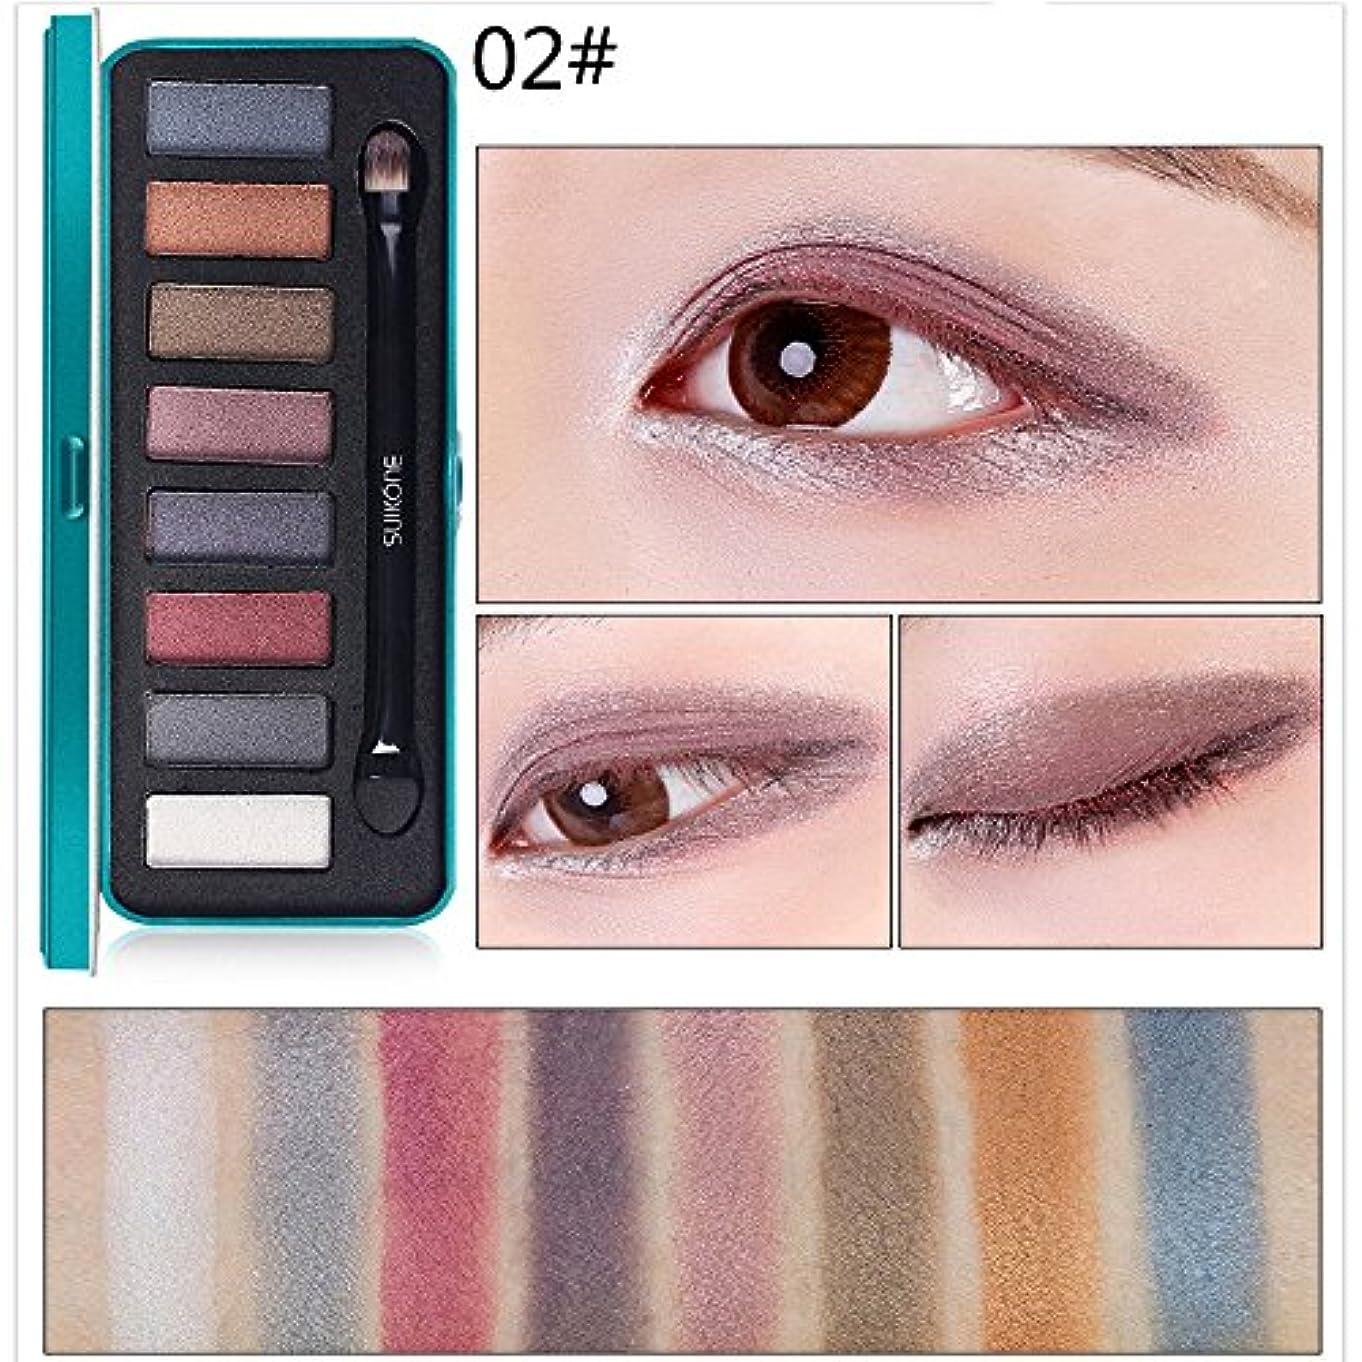 こどもの日売上高上Akane アイシャドウパレット Suikone ファッション 人気 気質的 綺麗 メタルボックス 魅力的 チャーム 防水 長持ち おしゃれ 持ち便利 Eye Shadow (8色)